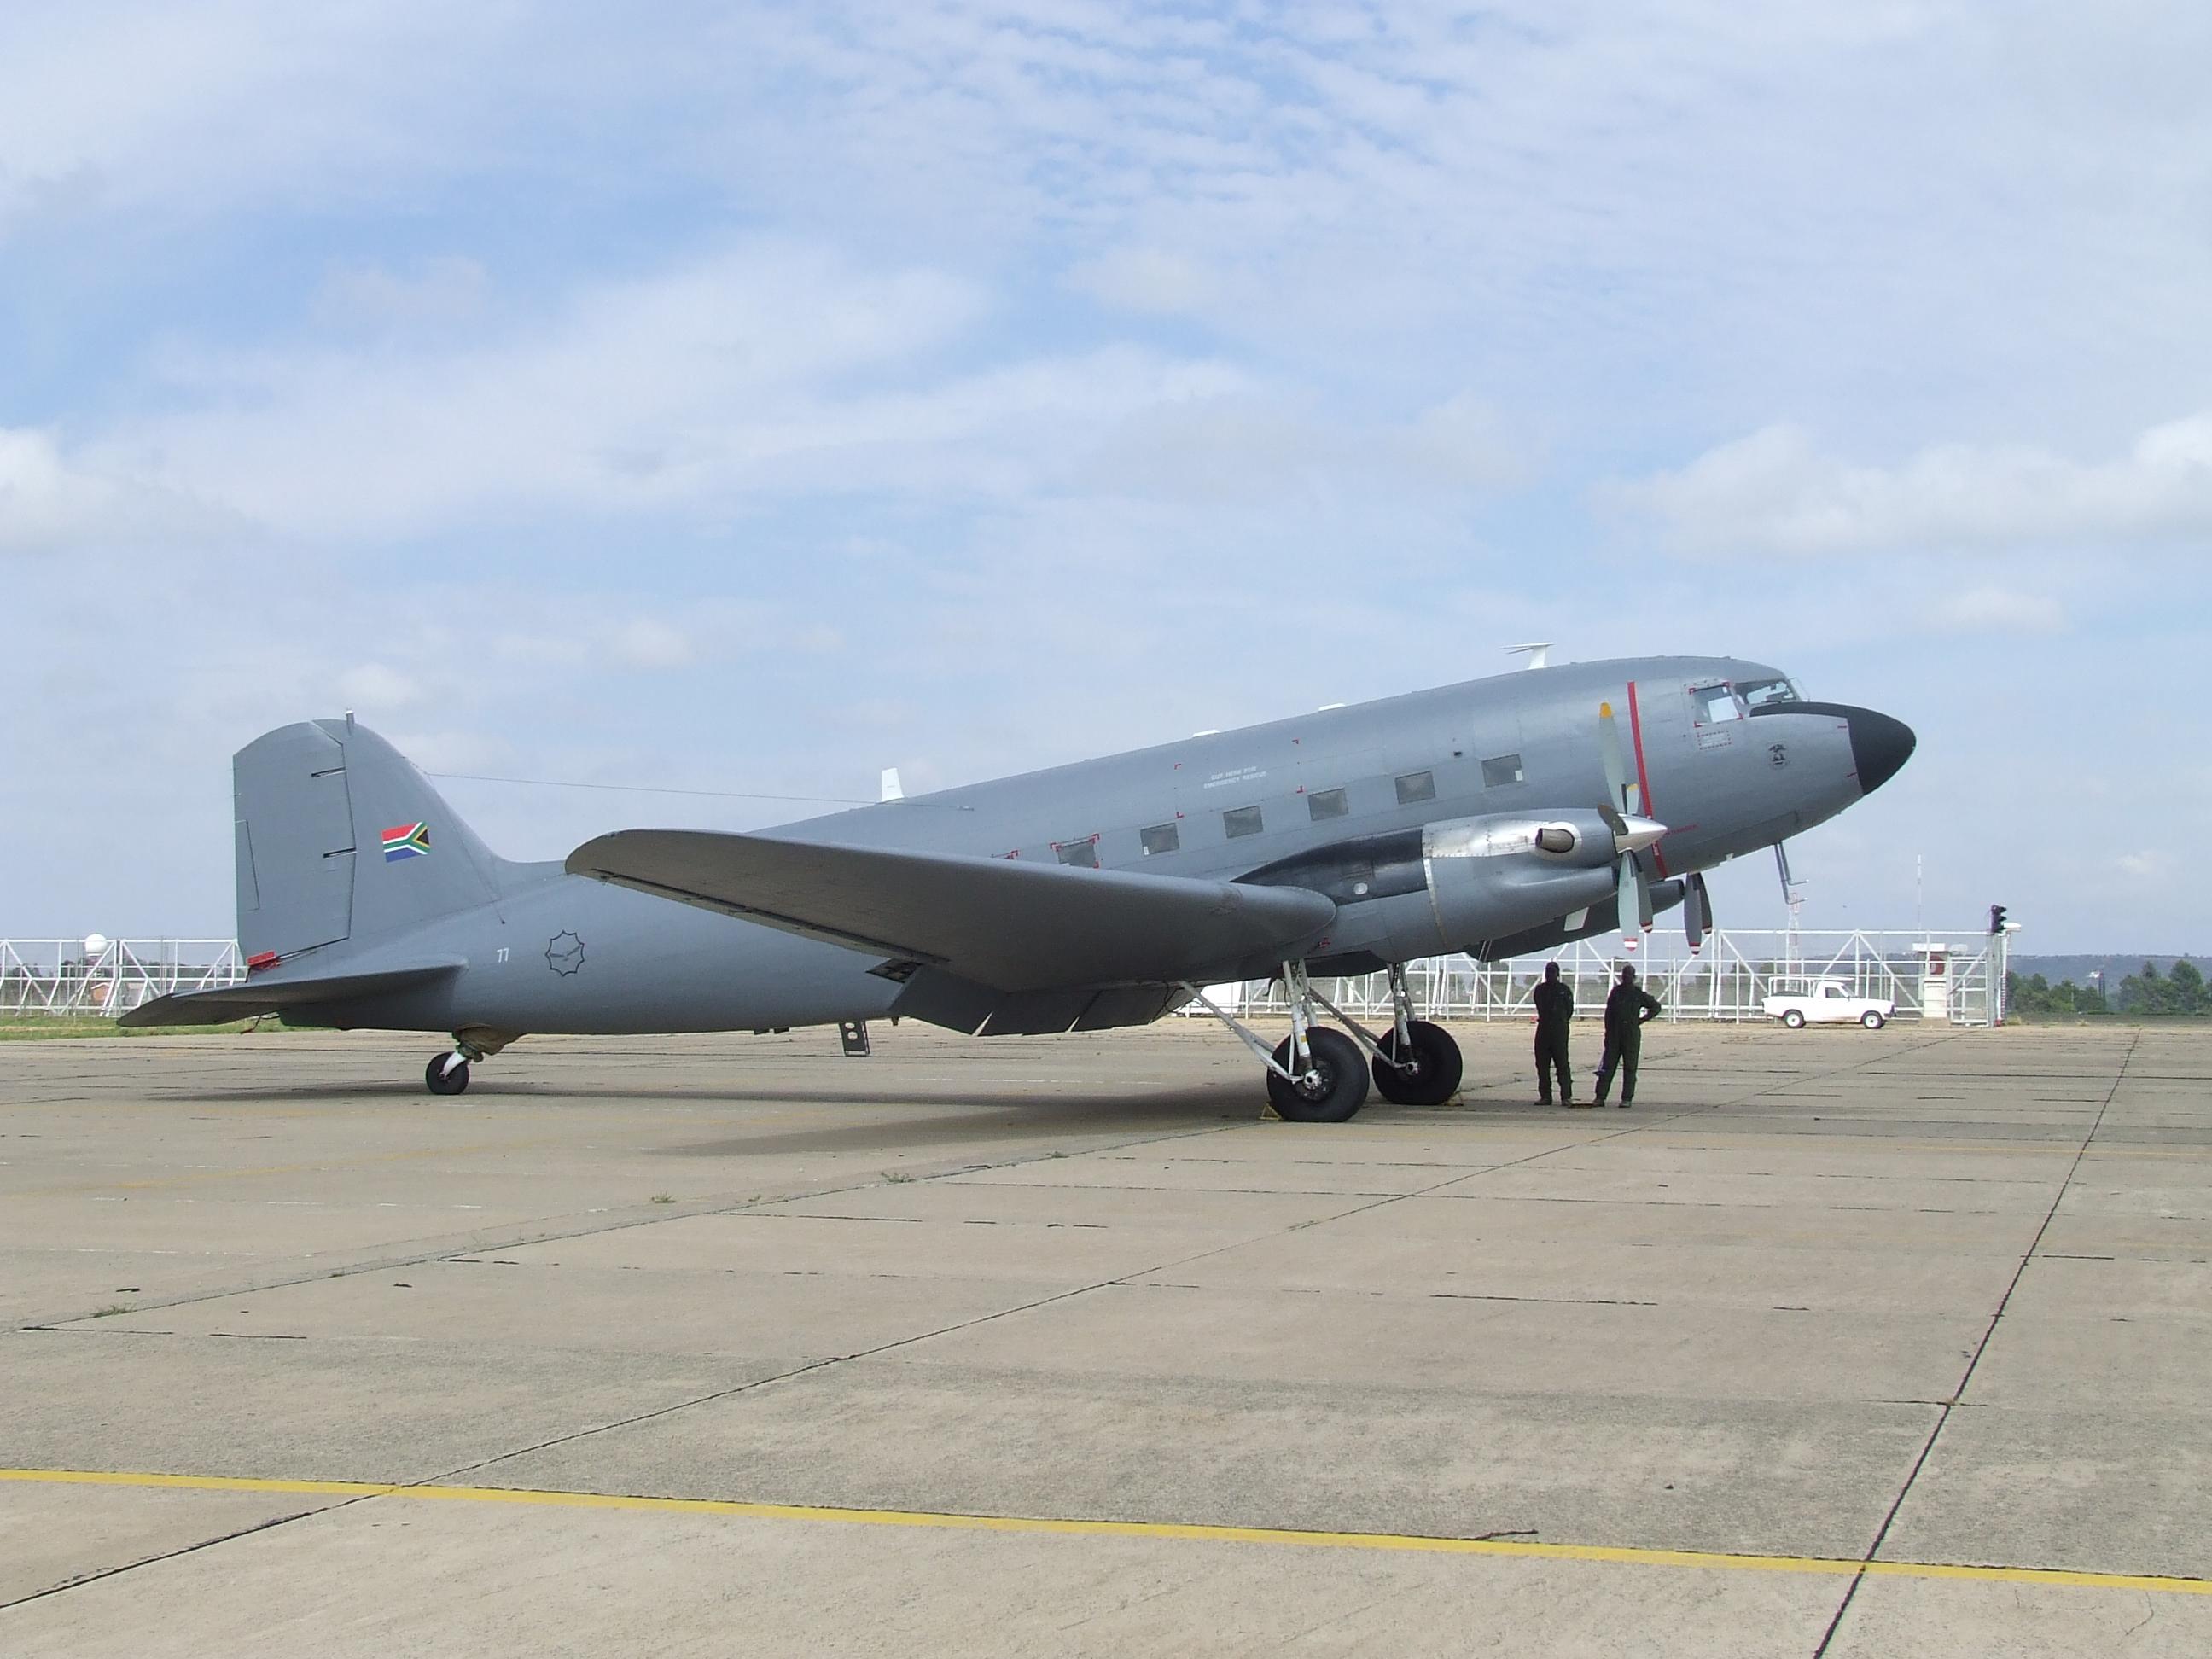 Capacidade zero! Força Aérea Sul-Africana admite que todos os seus velhos bimotores de patrulha marítima estão inoperantes